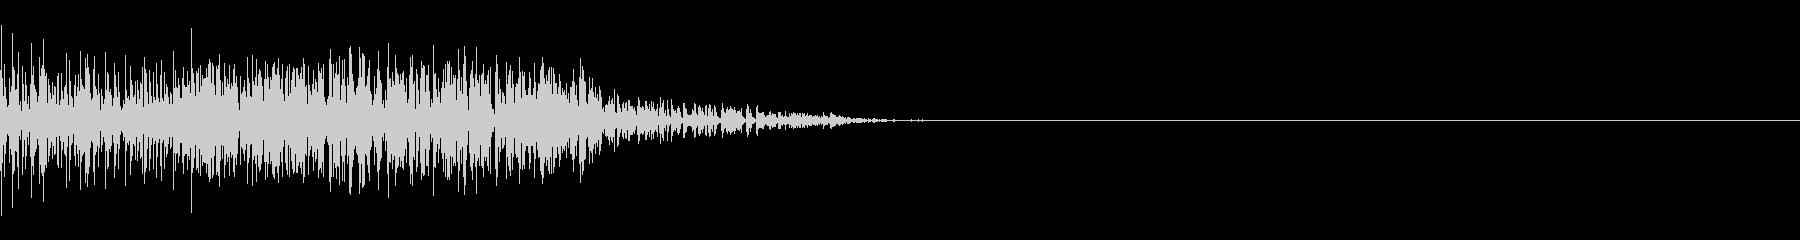 ザッ(ひっかく/大型動物/攻撃)の未再生の波形